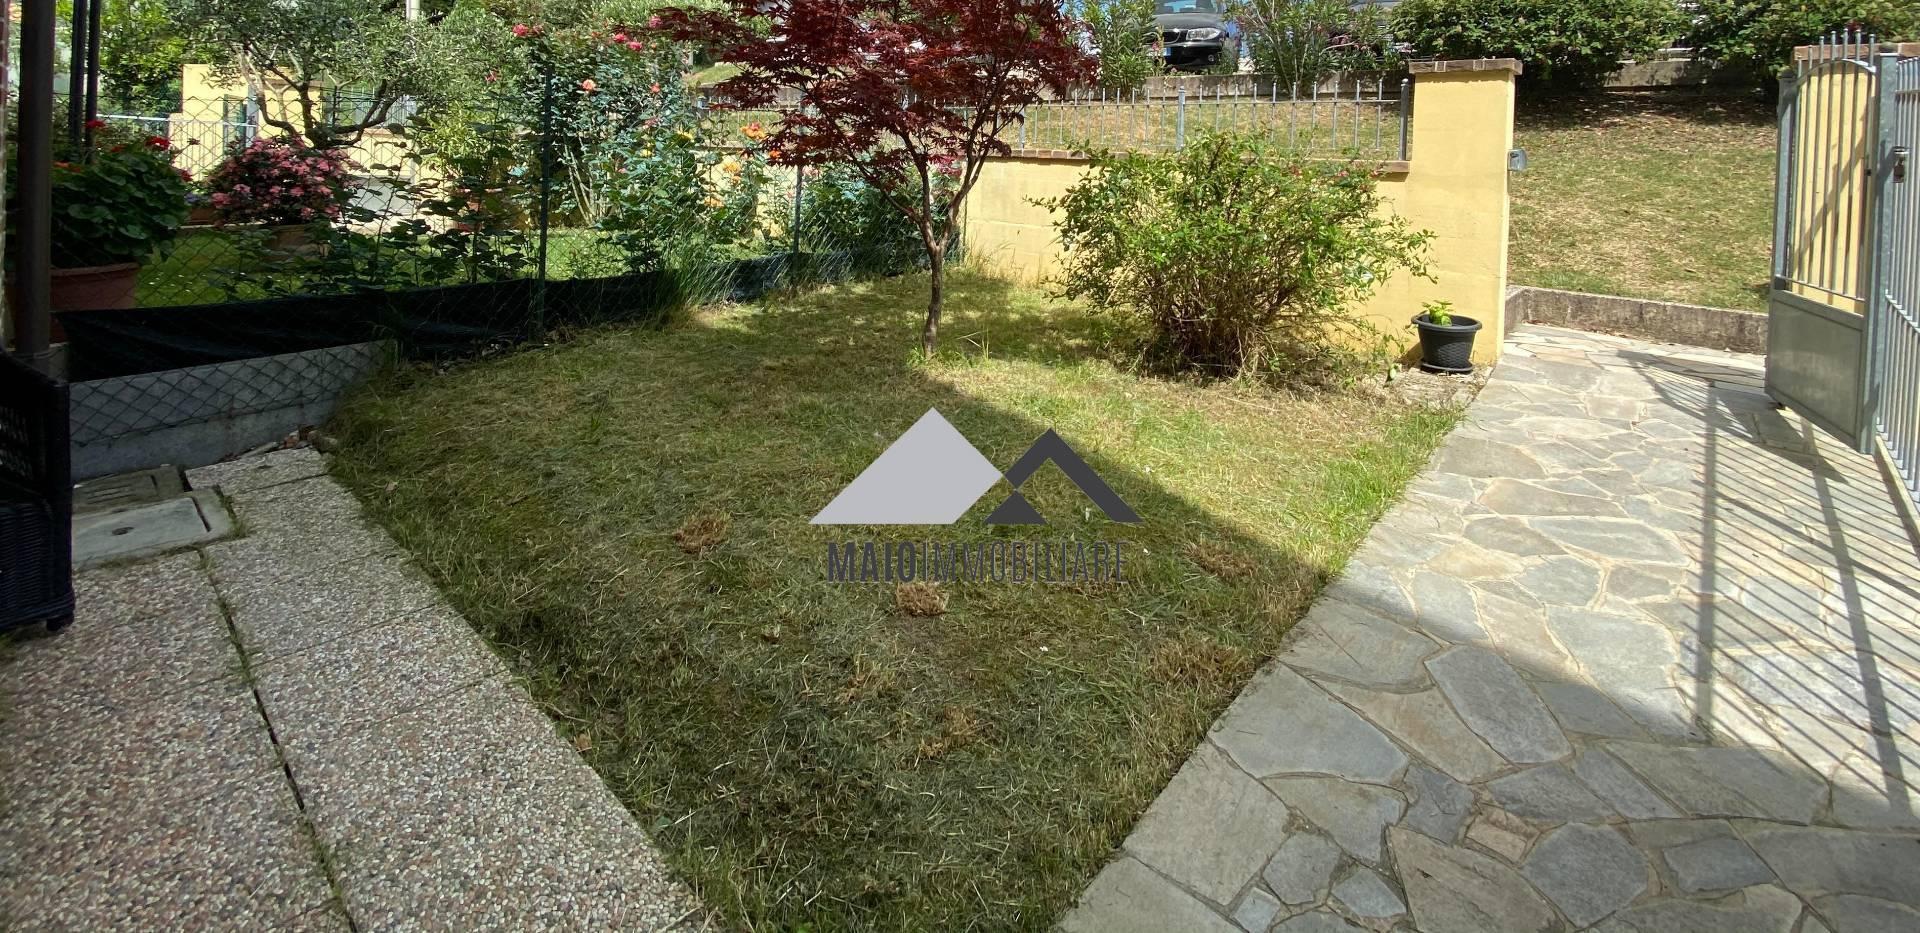 Appartamento in vendita a Coriano, 2 locali, zona Località: CORIANO, prezzo € 132.000 | CambioCasa.it